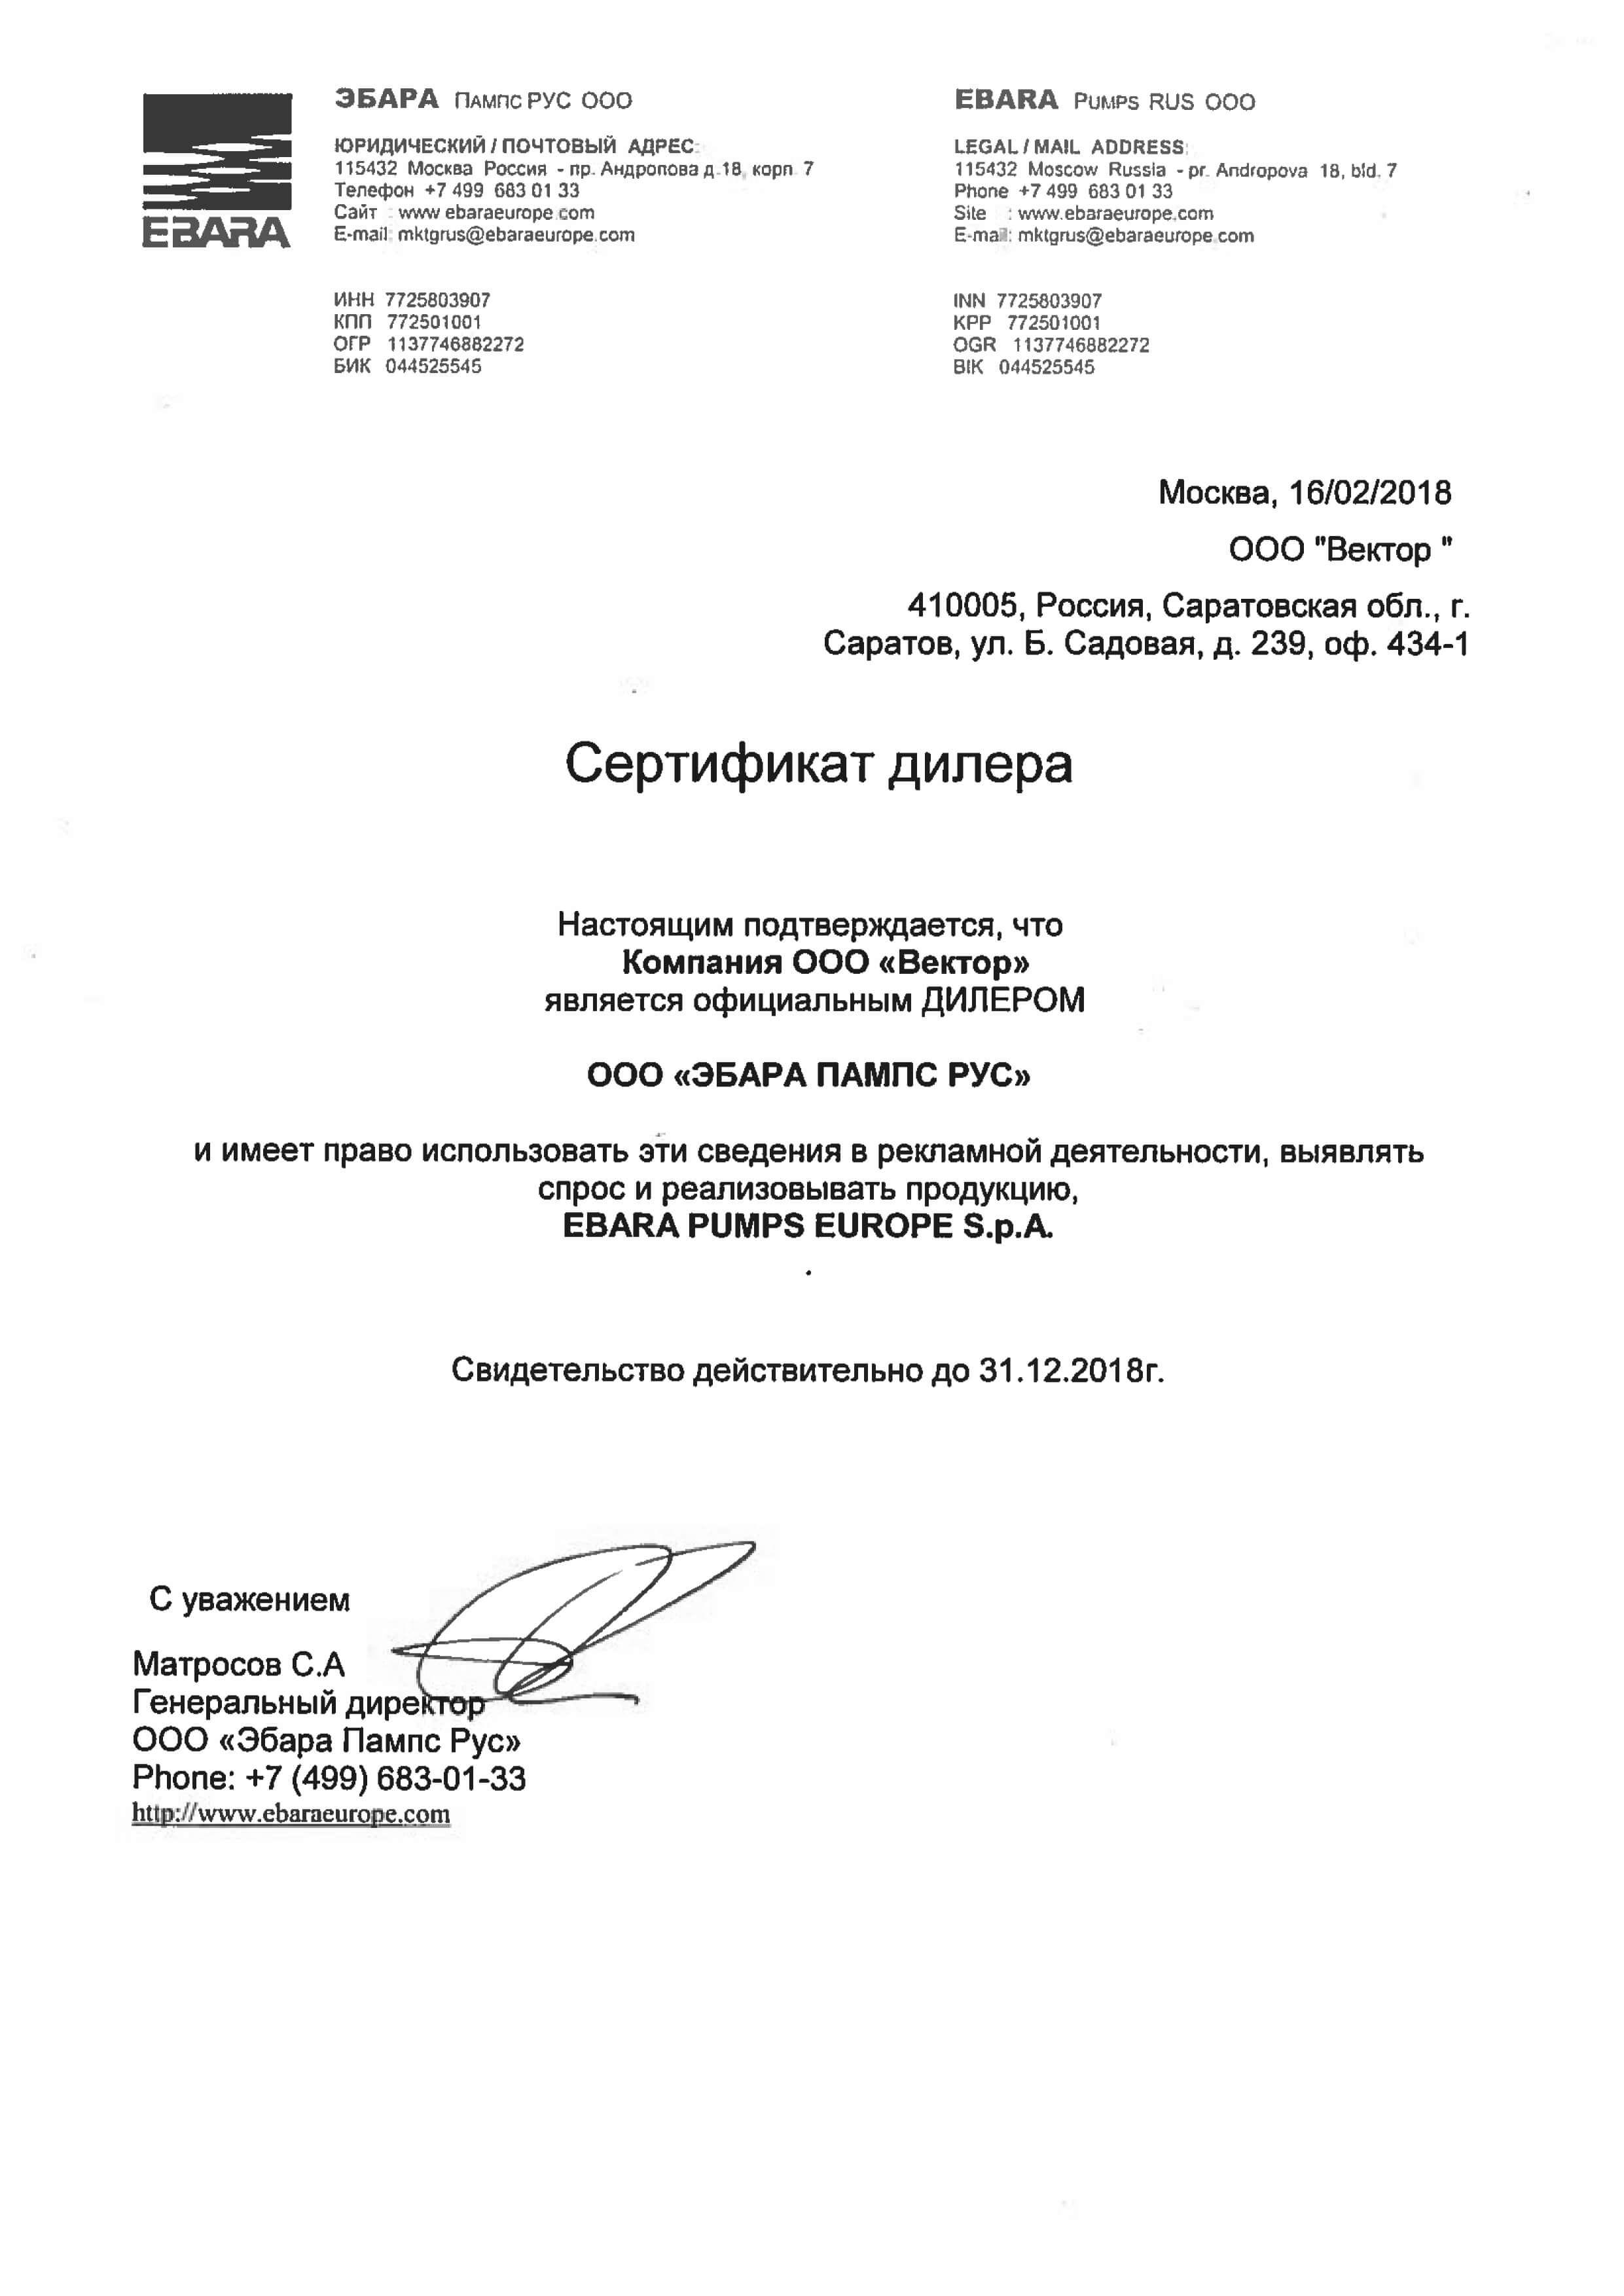 Сертификат-Дилера-Эбара